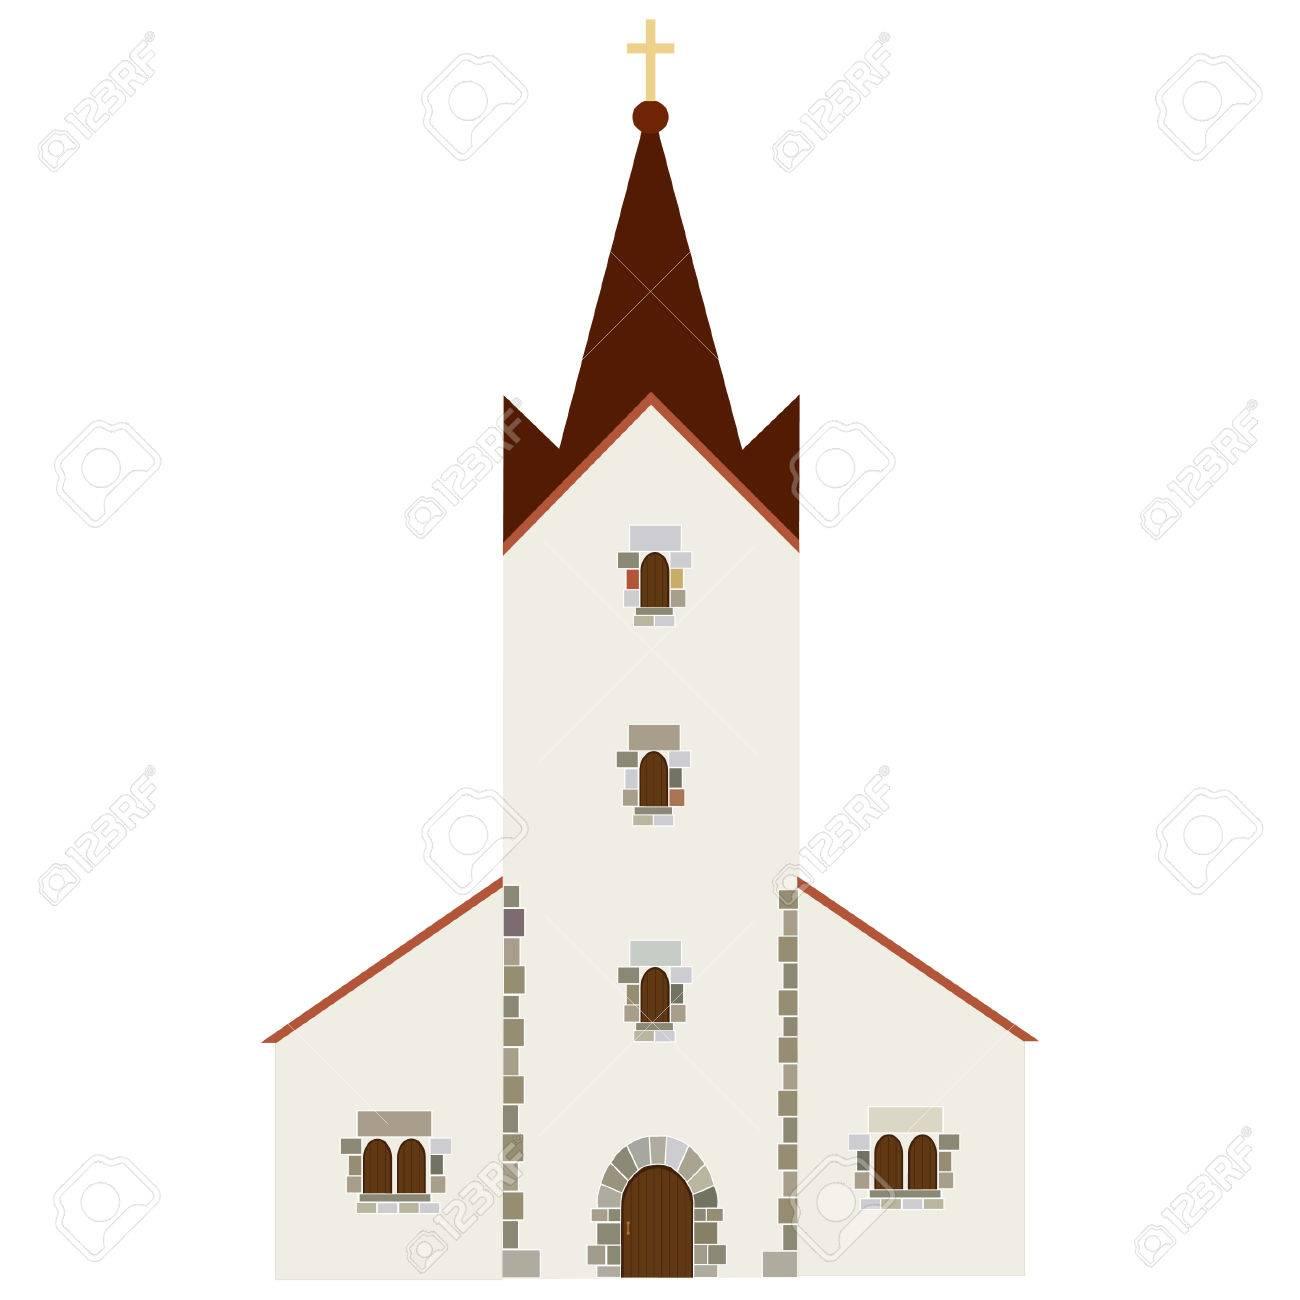 ベクトルのアイコンウェディング チャペルキリスト教カトリック教会